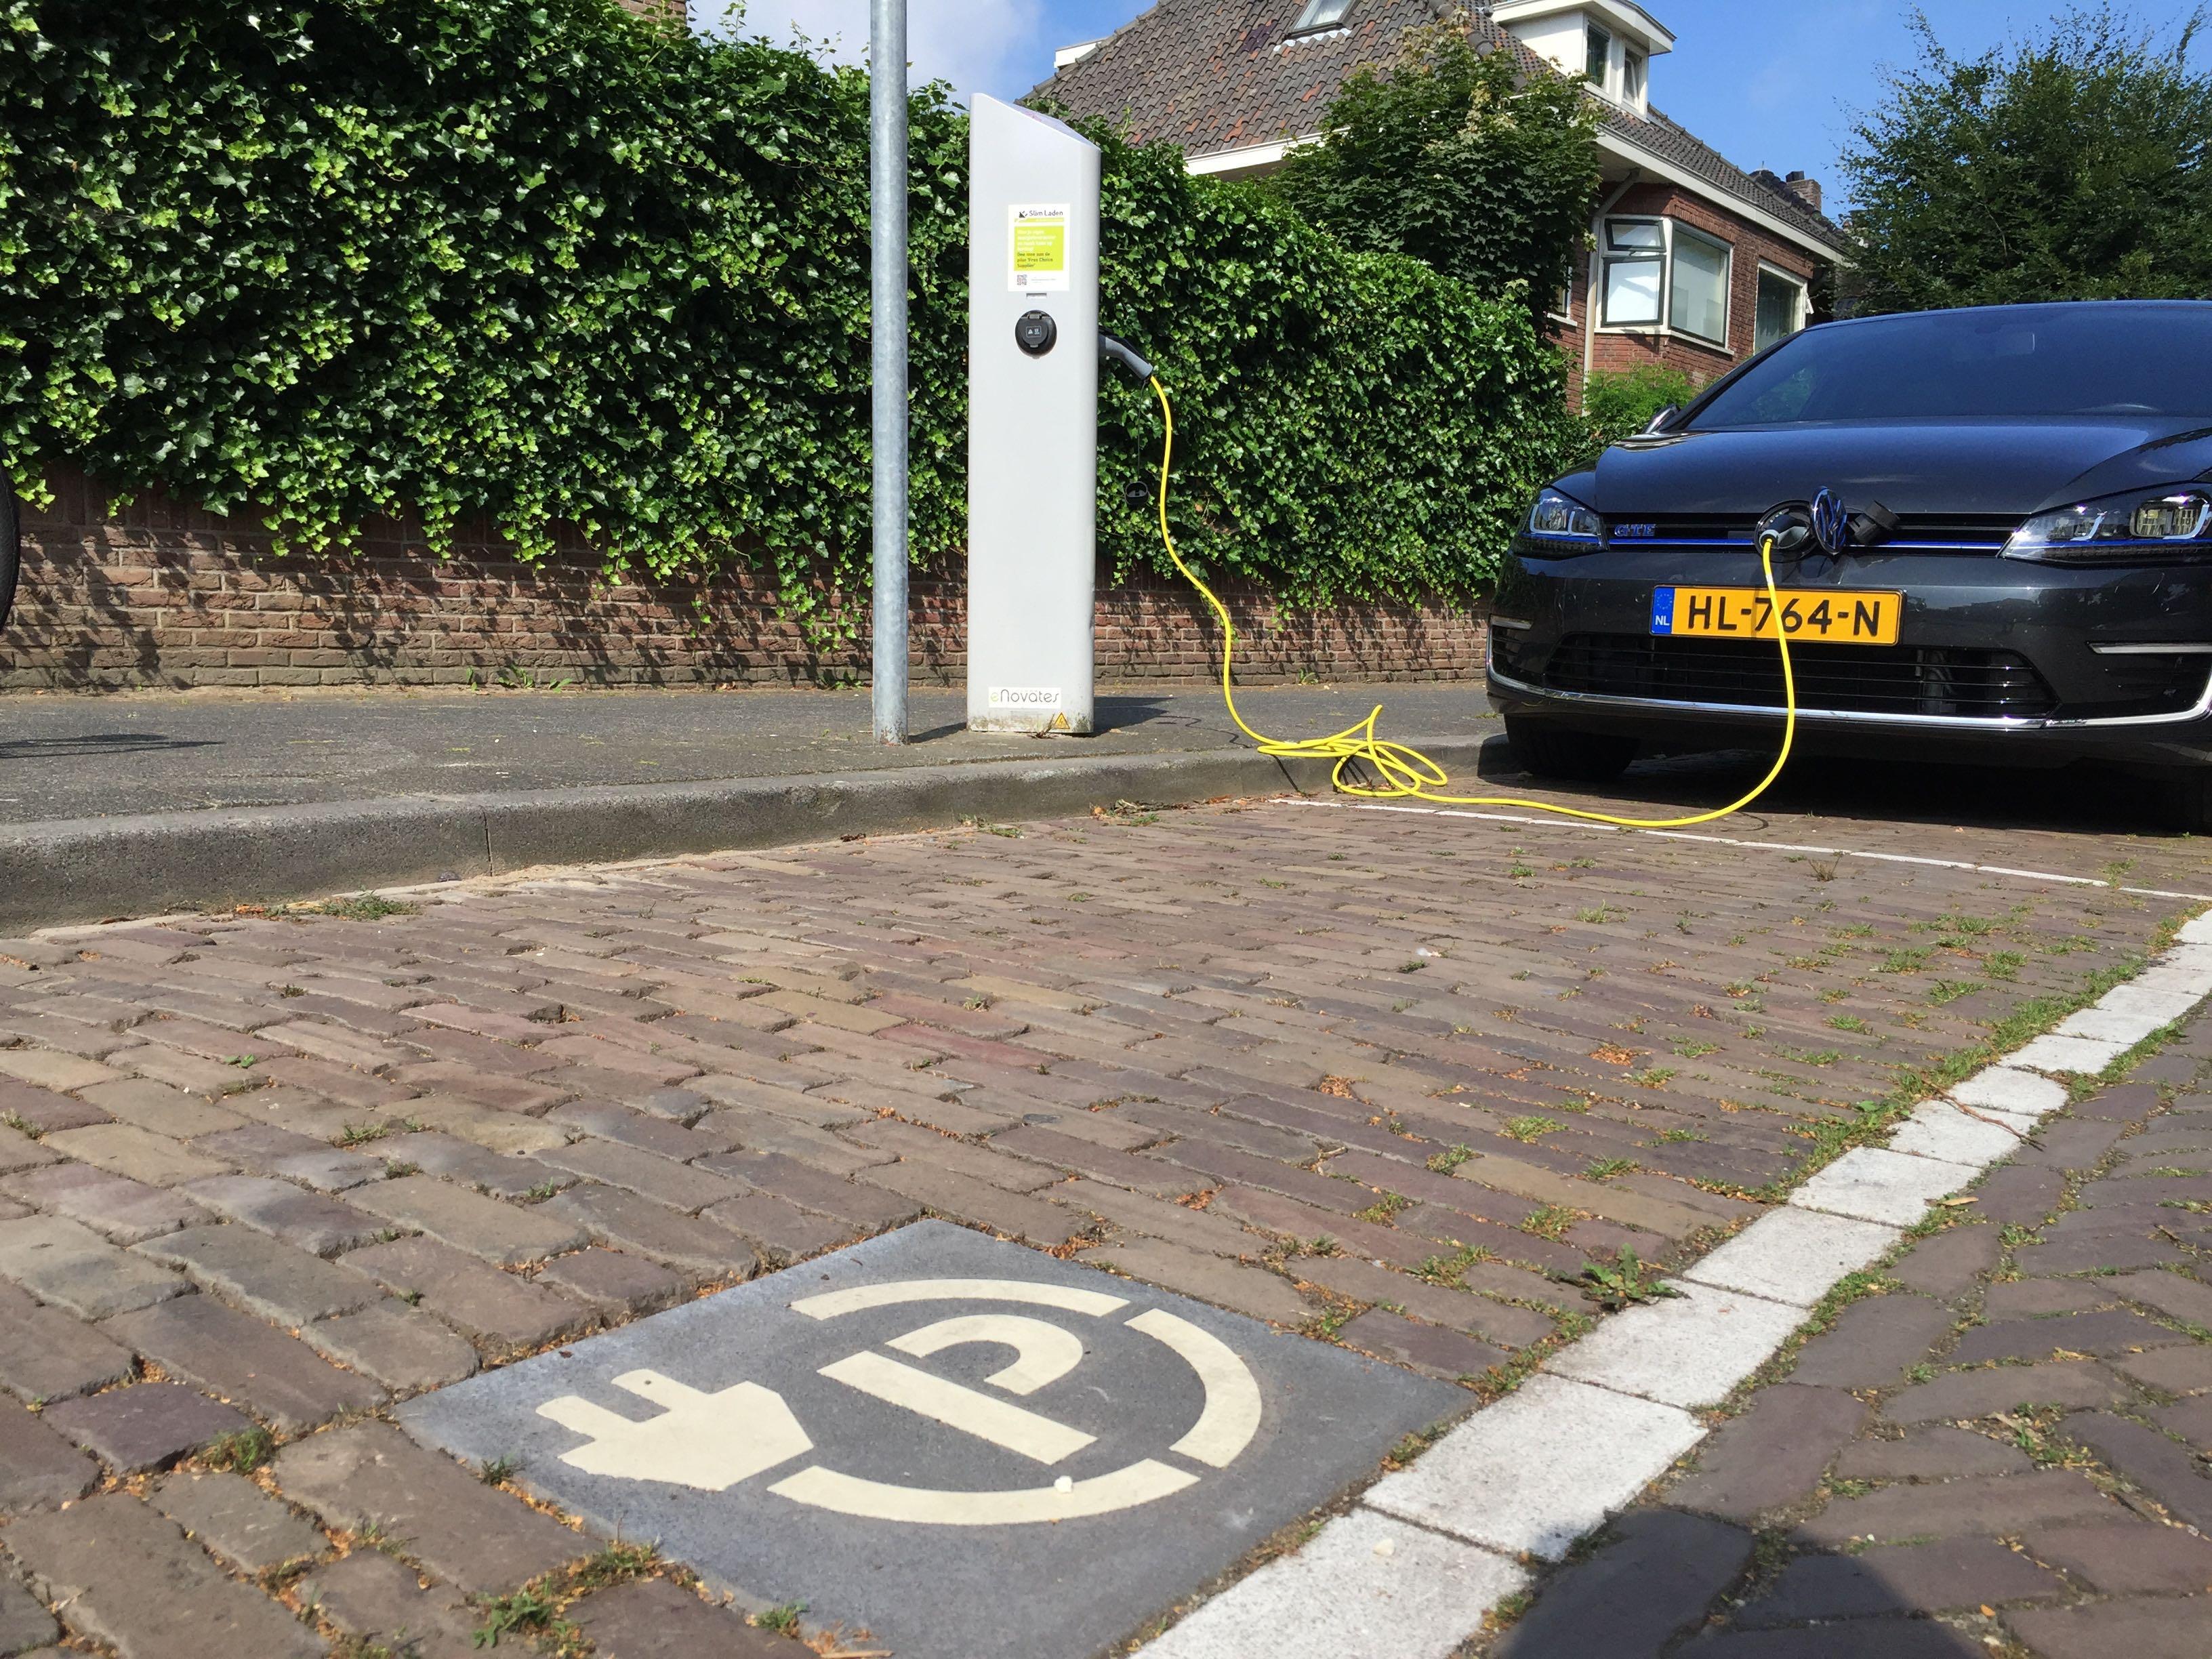 Laadpaal voor twee elektrische auto's in een zone voor betaald parkeren in Breda.